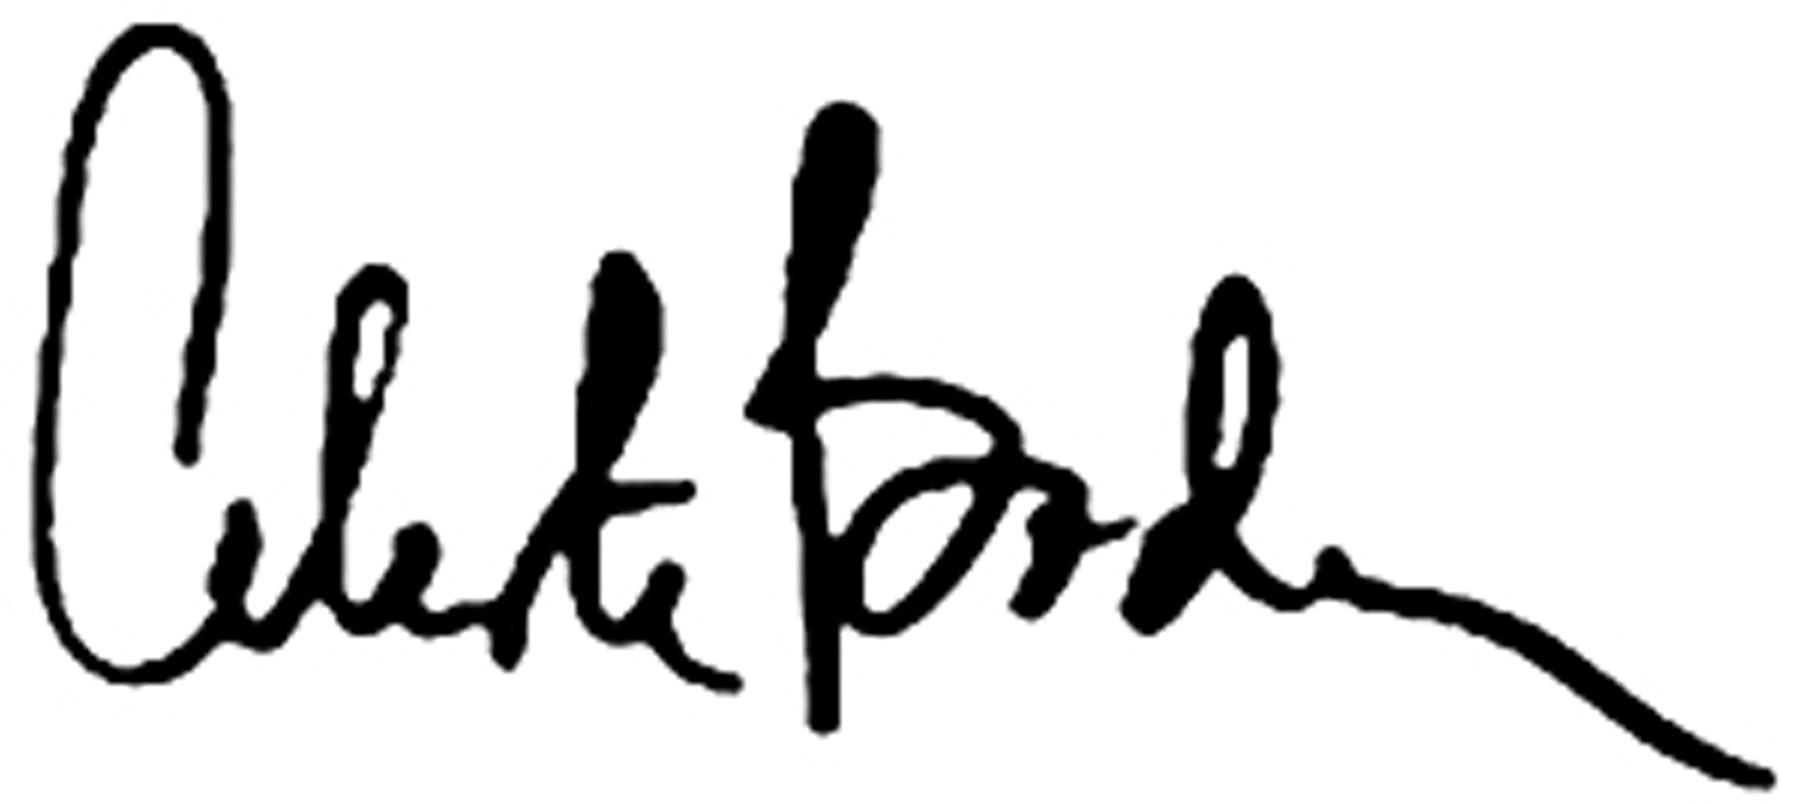 Celeste Bodner Signature